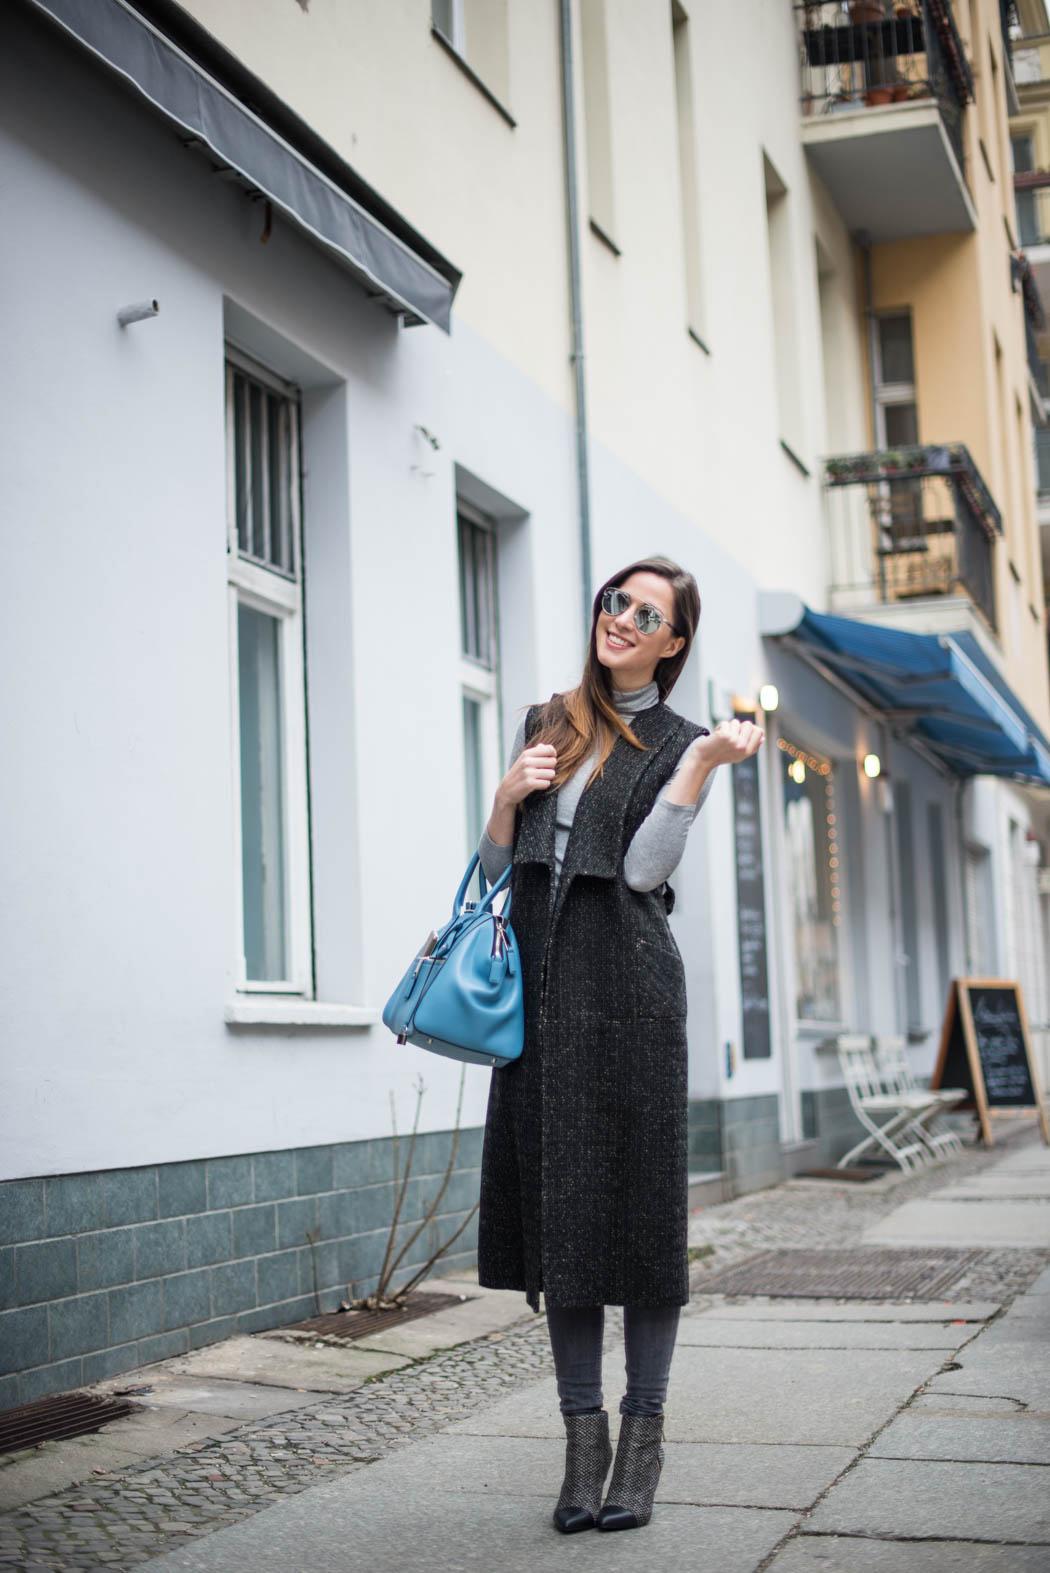 Lanvin-Ankleboots-Marc-Jacobs-Incognito-Fashionblogger-München-Deutschland-Fashionblog-5